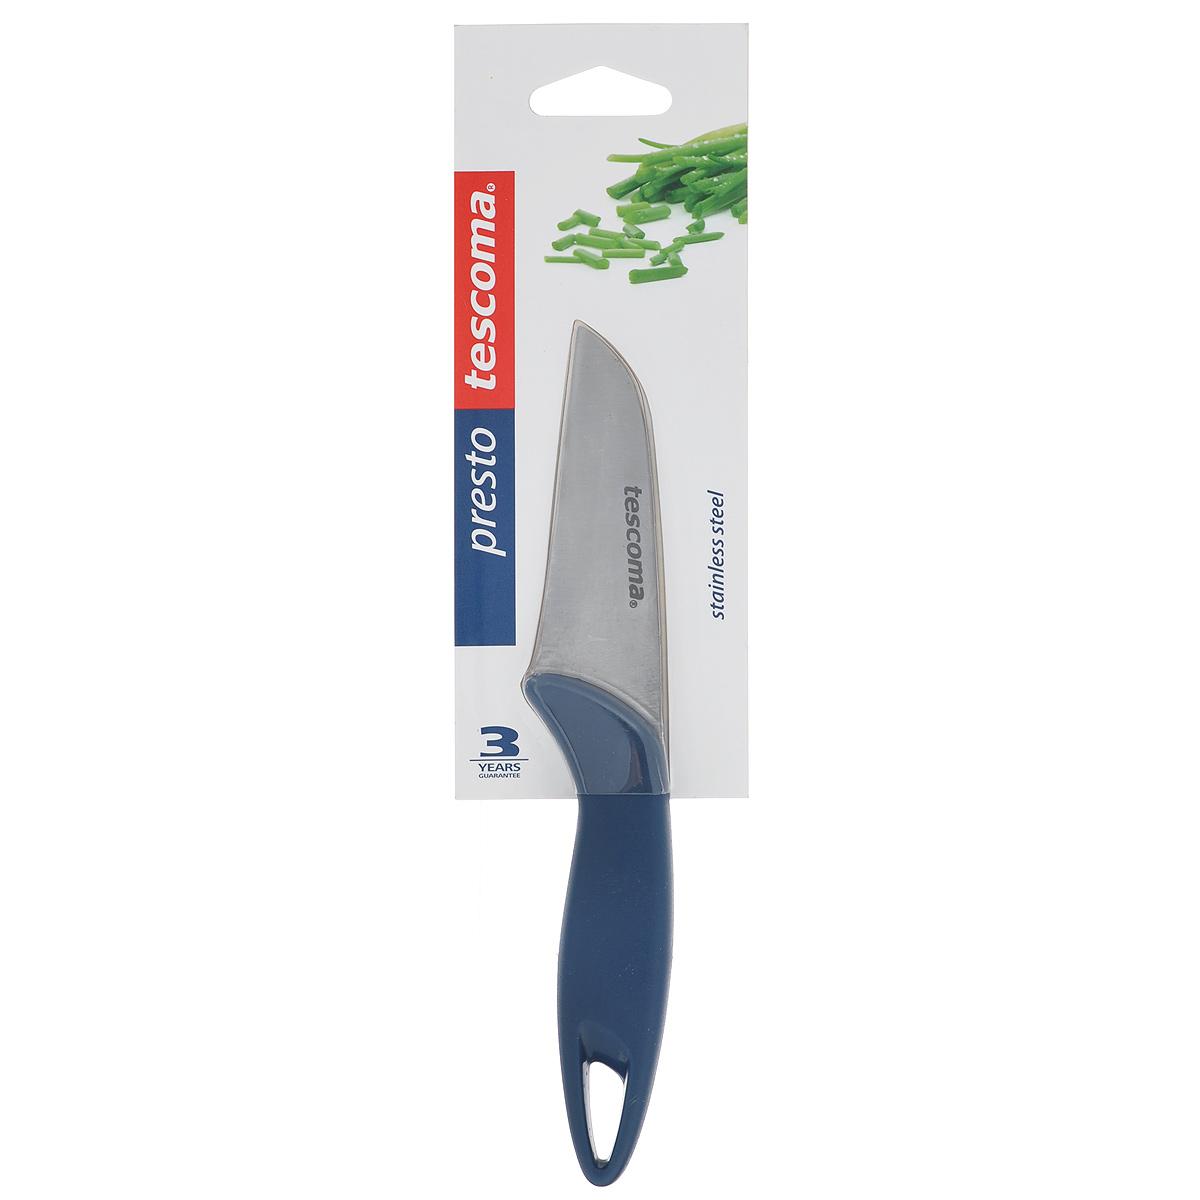 Нож кухонный Teccoma Presto, длина лезвия 8 см863007Нож кухонный Tescoma Presto изготовлен из первоклассной нержавеющей стали и прочной пластмассы. Лезвие заточено и сформировано для максимально эффективного использования. Такой нож станет прекрасным дополнением к коллекции ваших кухонных аксессуаров и не займет много места при хранении. Можно мыть в посудомоечной машине. Общая длина ножа: 19 см.Длина лезвия: 8 см.